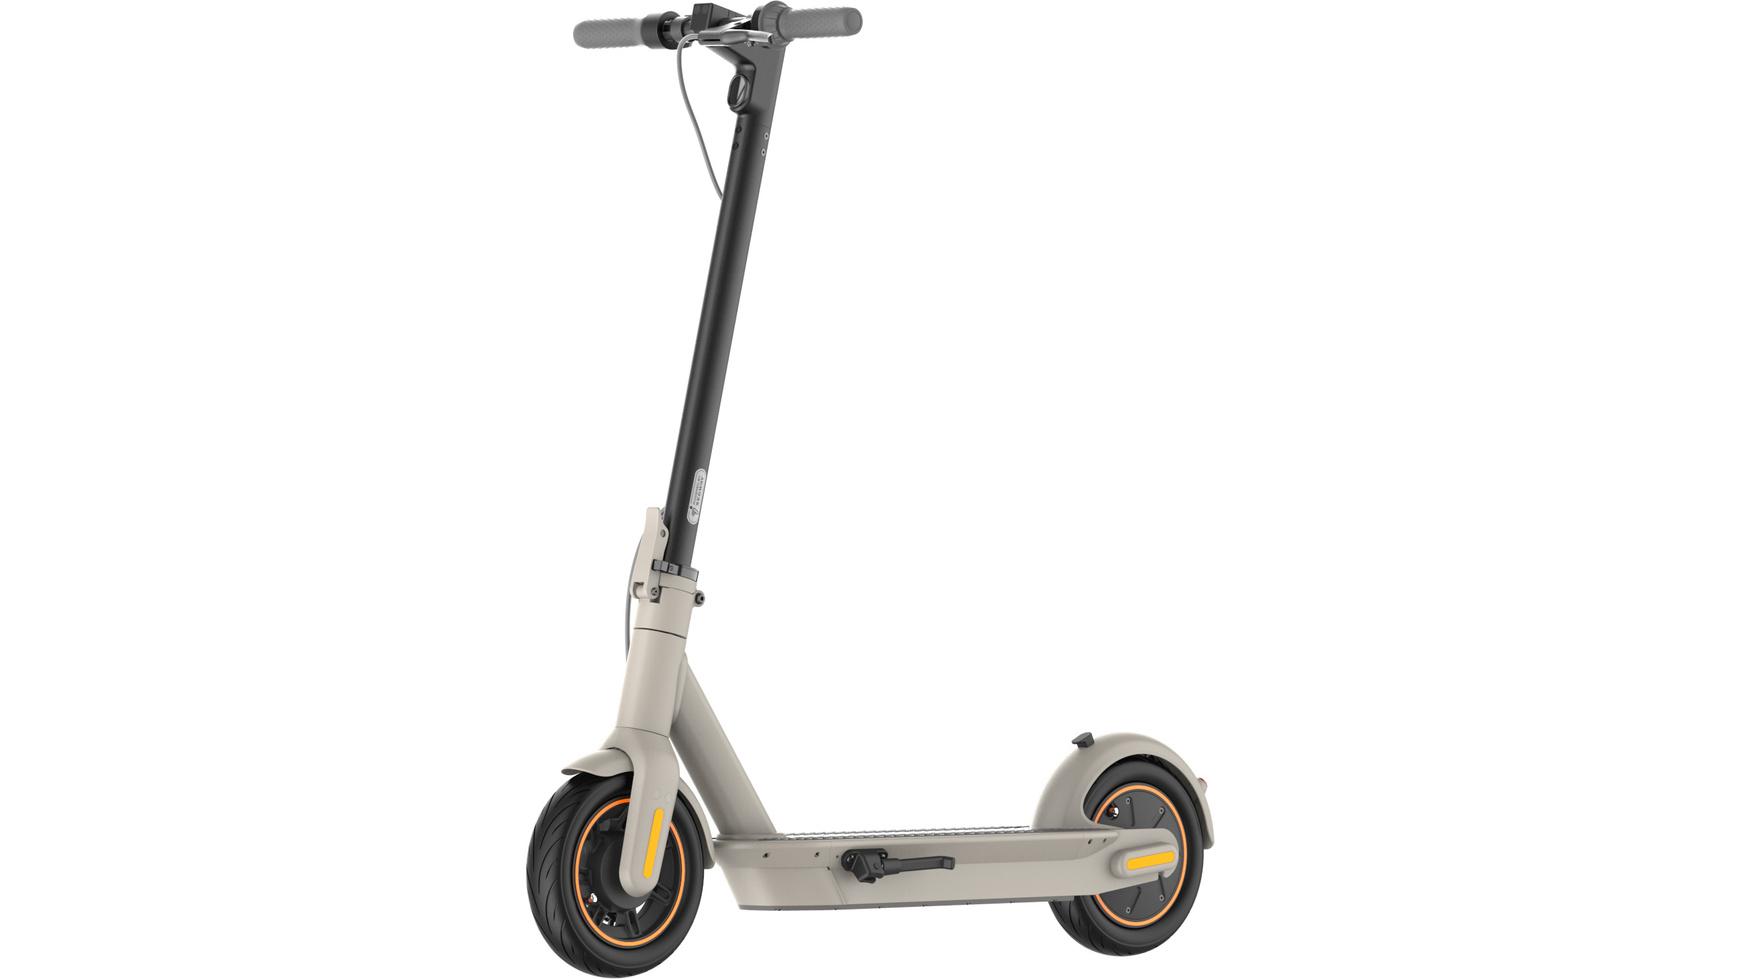 3802023-Segway-Ninebot-KickScooter-MAX-G30LE-2020-main